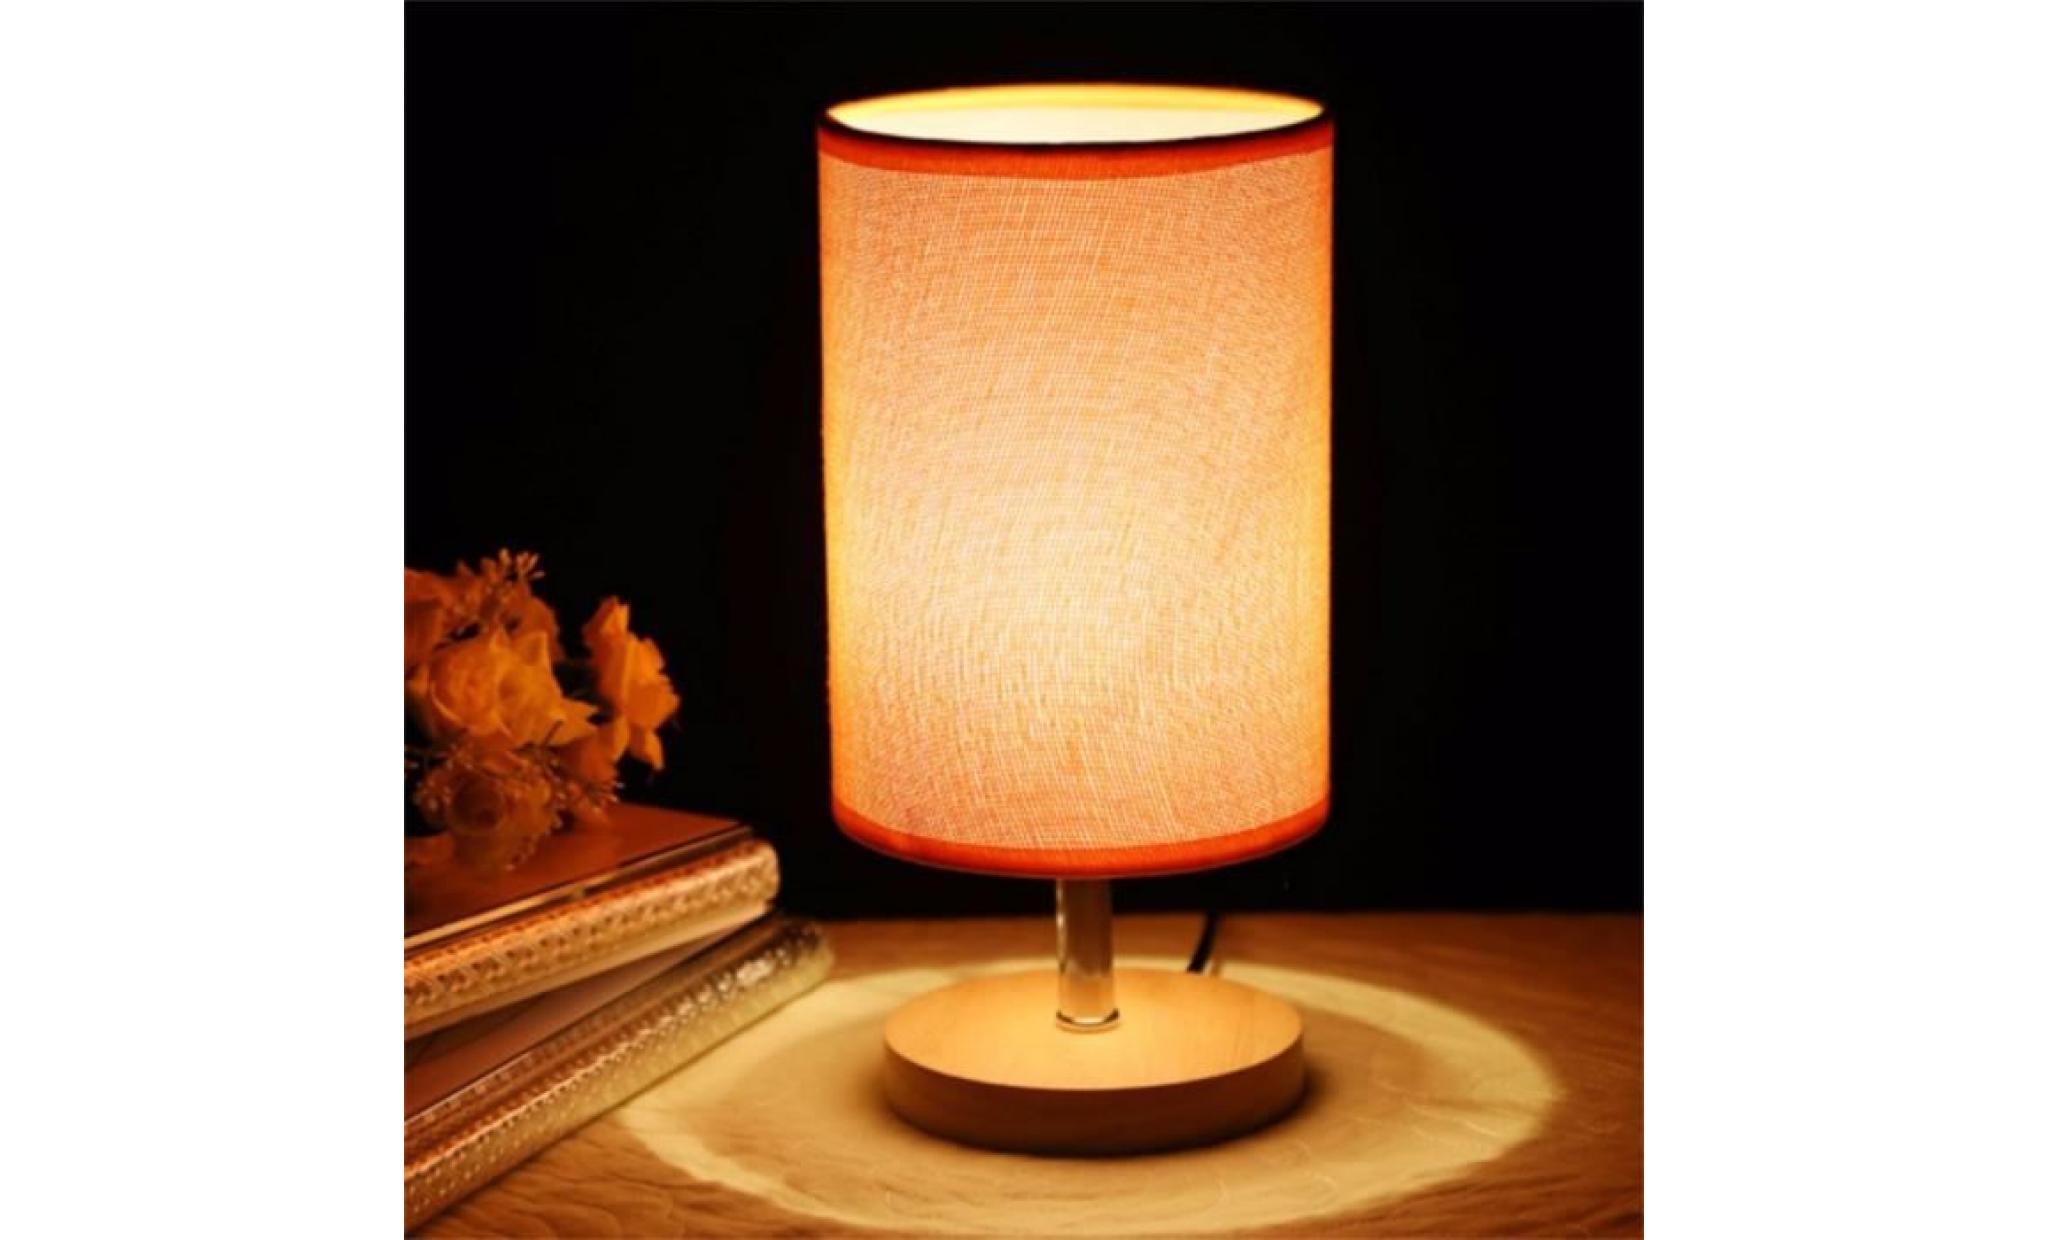 Couleurs Lampe Bois E27 Dimmer Mode Chambre Déco 5w Simple Led Beige Pour Chevet 265v 5 80 Table Bar 0 Tissu Moderne Lumière De EDI9WHY2